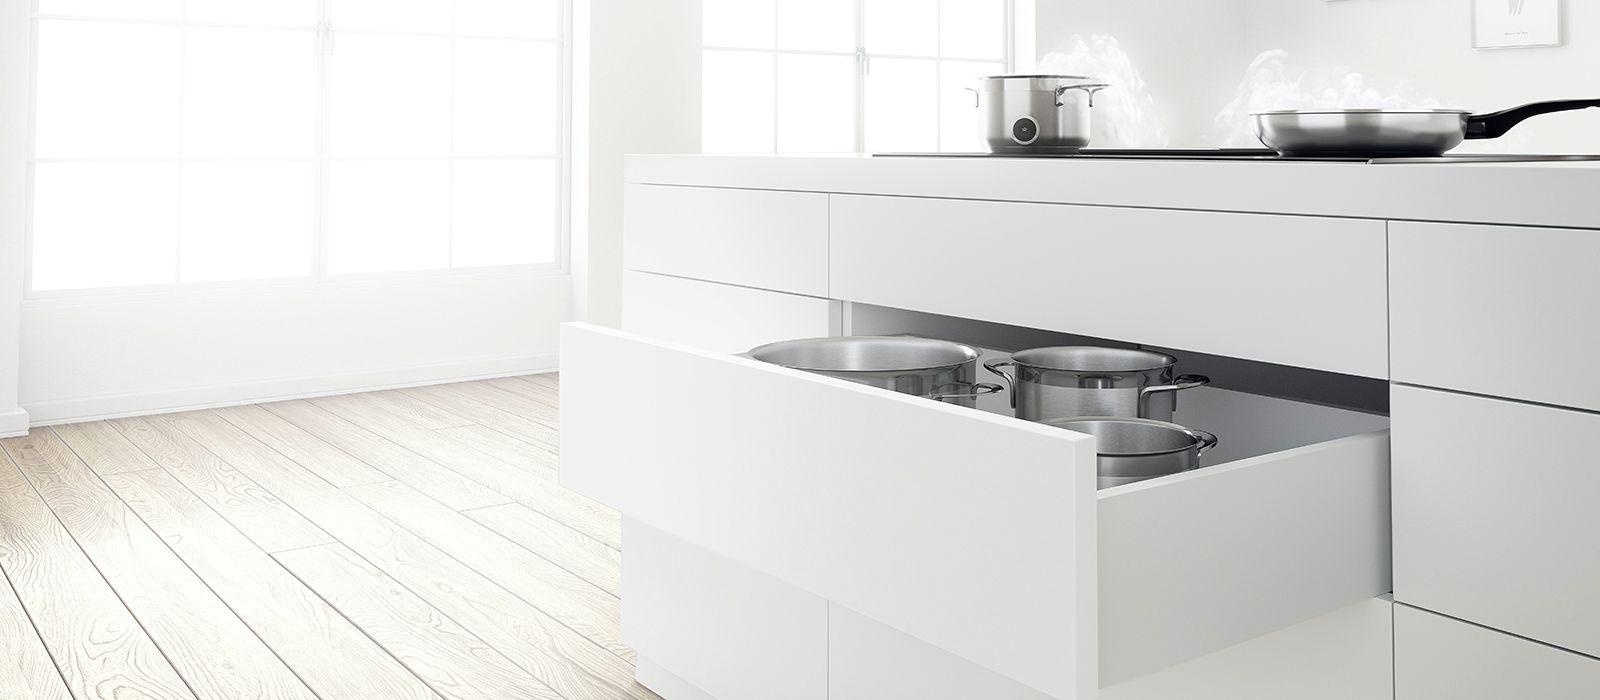 Bosch Kücheninspirationen - Planung, Ideen, Technologien - Bosch.